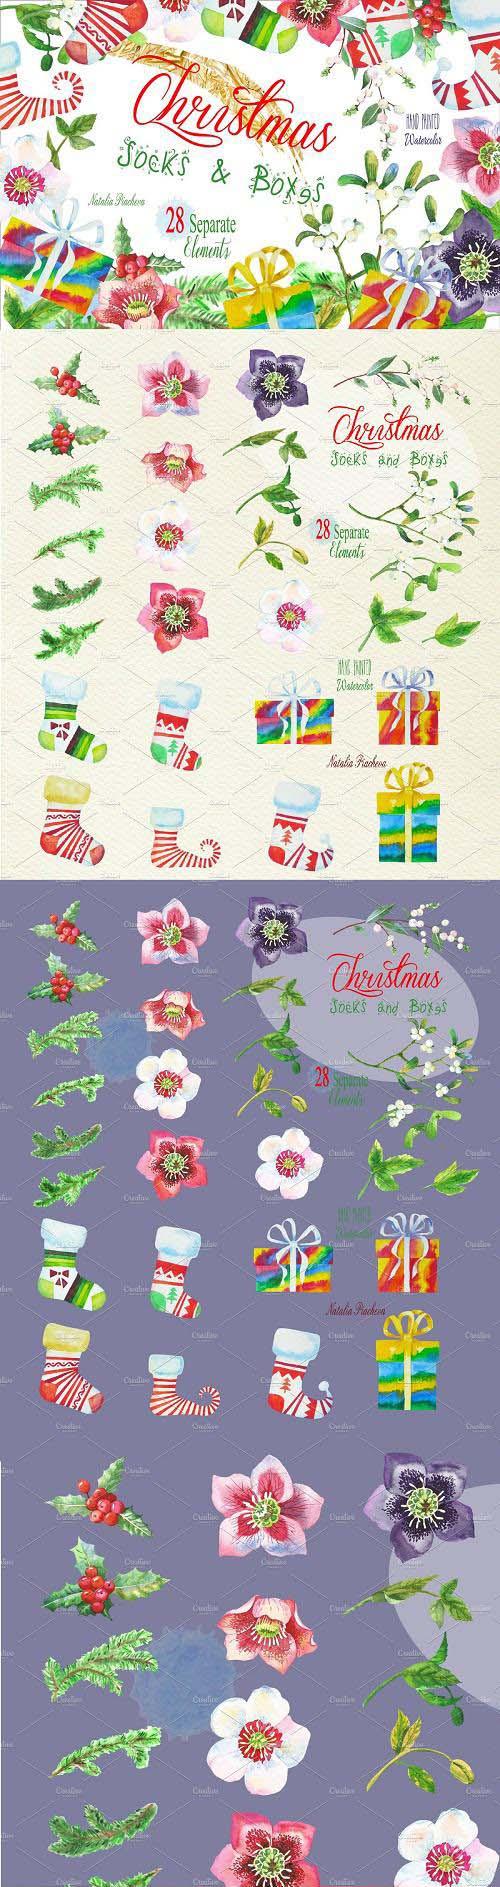 Christmas Socks and Boxes - 1127957